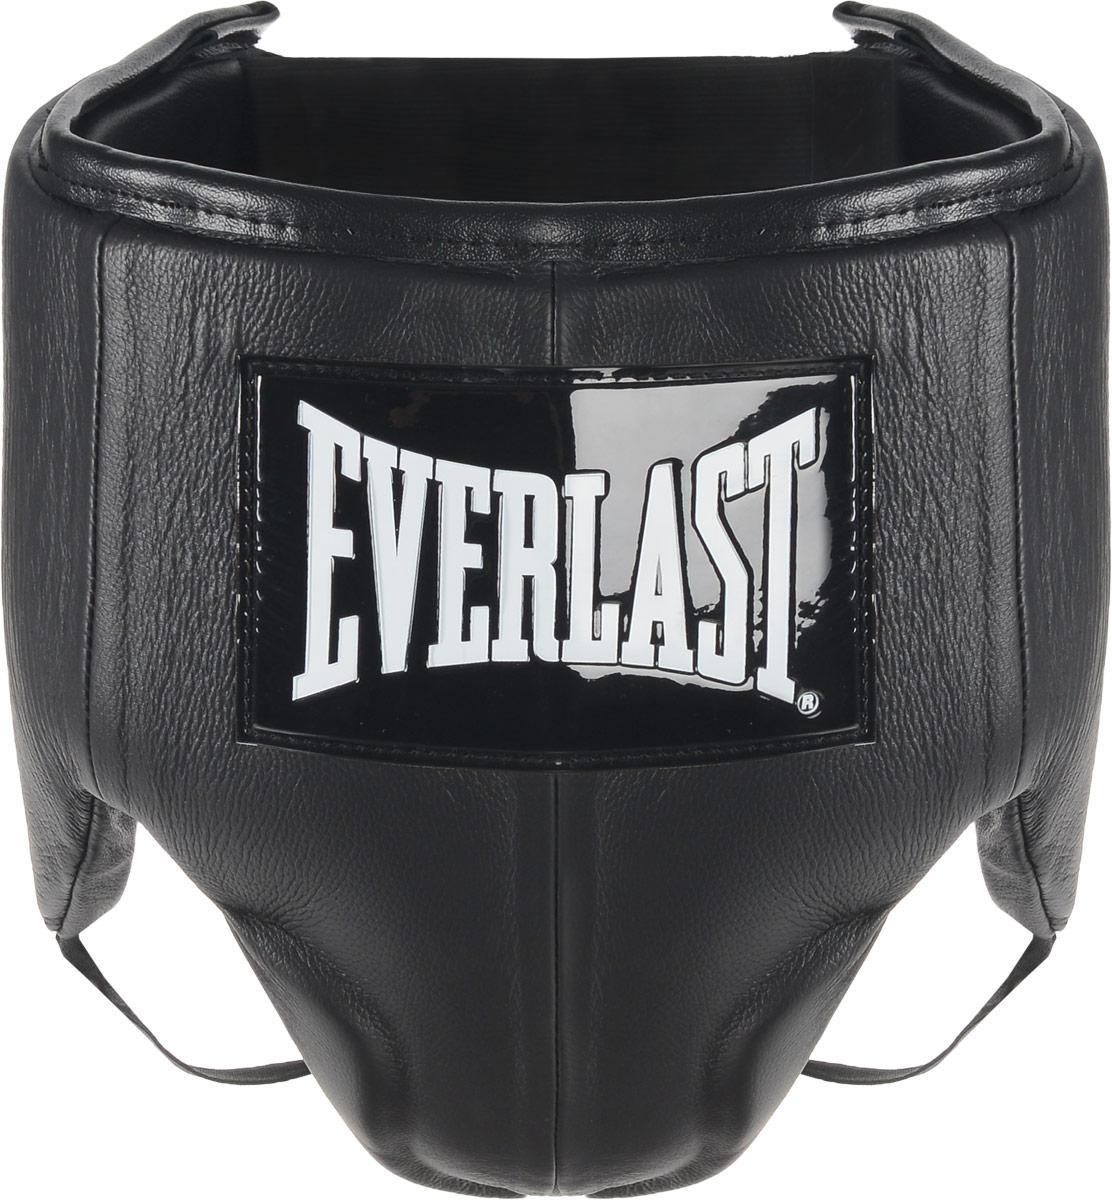 Защита паха мужская Everlast Velcro Top Pro, цвет: черный, белый. Размер XXL440801UEverlast Velcro Top Pro это удобный обтягивающий бандаж, идеально подходящий как для тренировочных спаррингов, так и для боя на ринге. Бандаж изготовлен из высококачественной натуральной кожи, а подкладка набита пенным наполнителем высокой плотности, благодаря чему достигается превосходная амортизация ударов. Усовершенствованный облегченный дизайн обеспечивает максимальную подвижность и комфорт, в то же время гарантируя безопасность и полную защиту паха и тазовой области. Удобные застежки на липучке позволят подогнать защиту под ваш размер и плотно зафиксировать ее на теле. Максимальный обхват: 121 см. Минимальный обхват: 108 см.